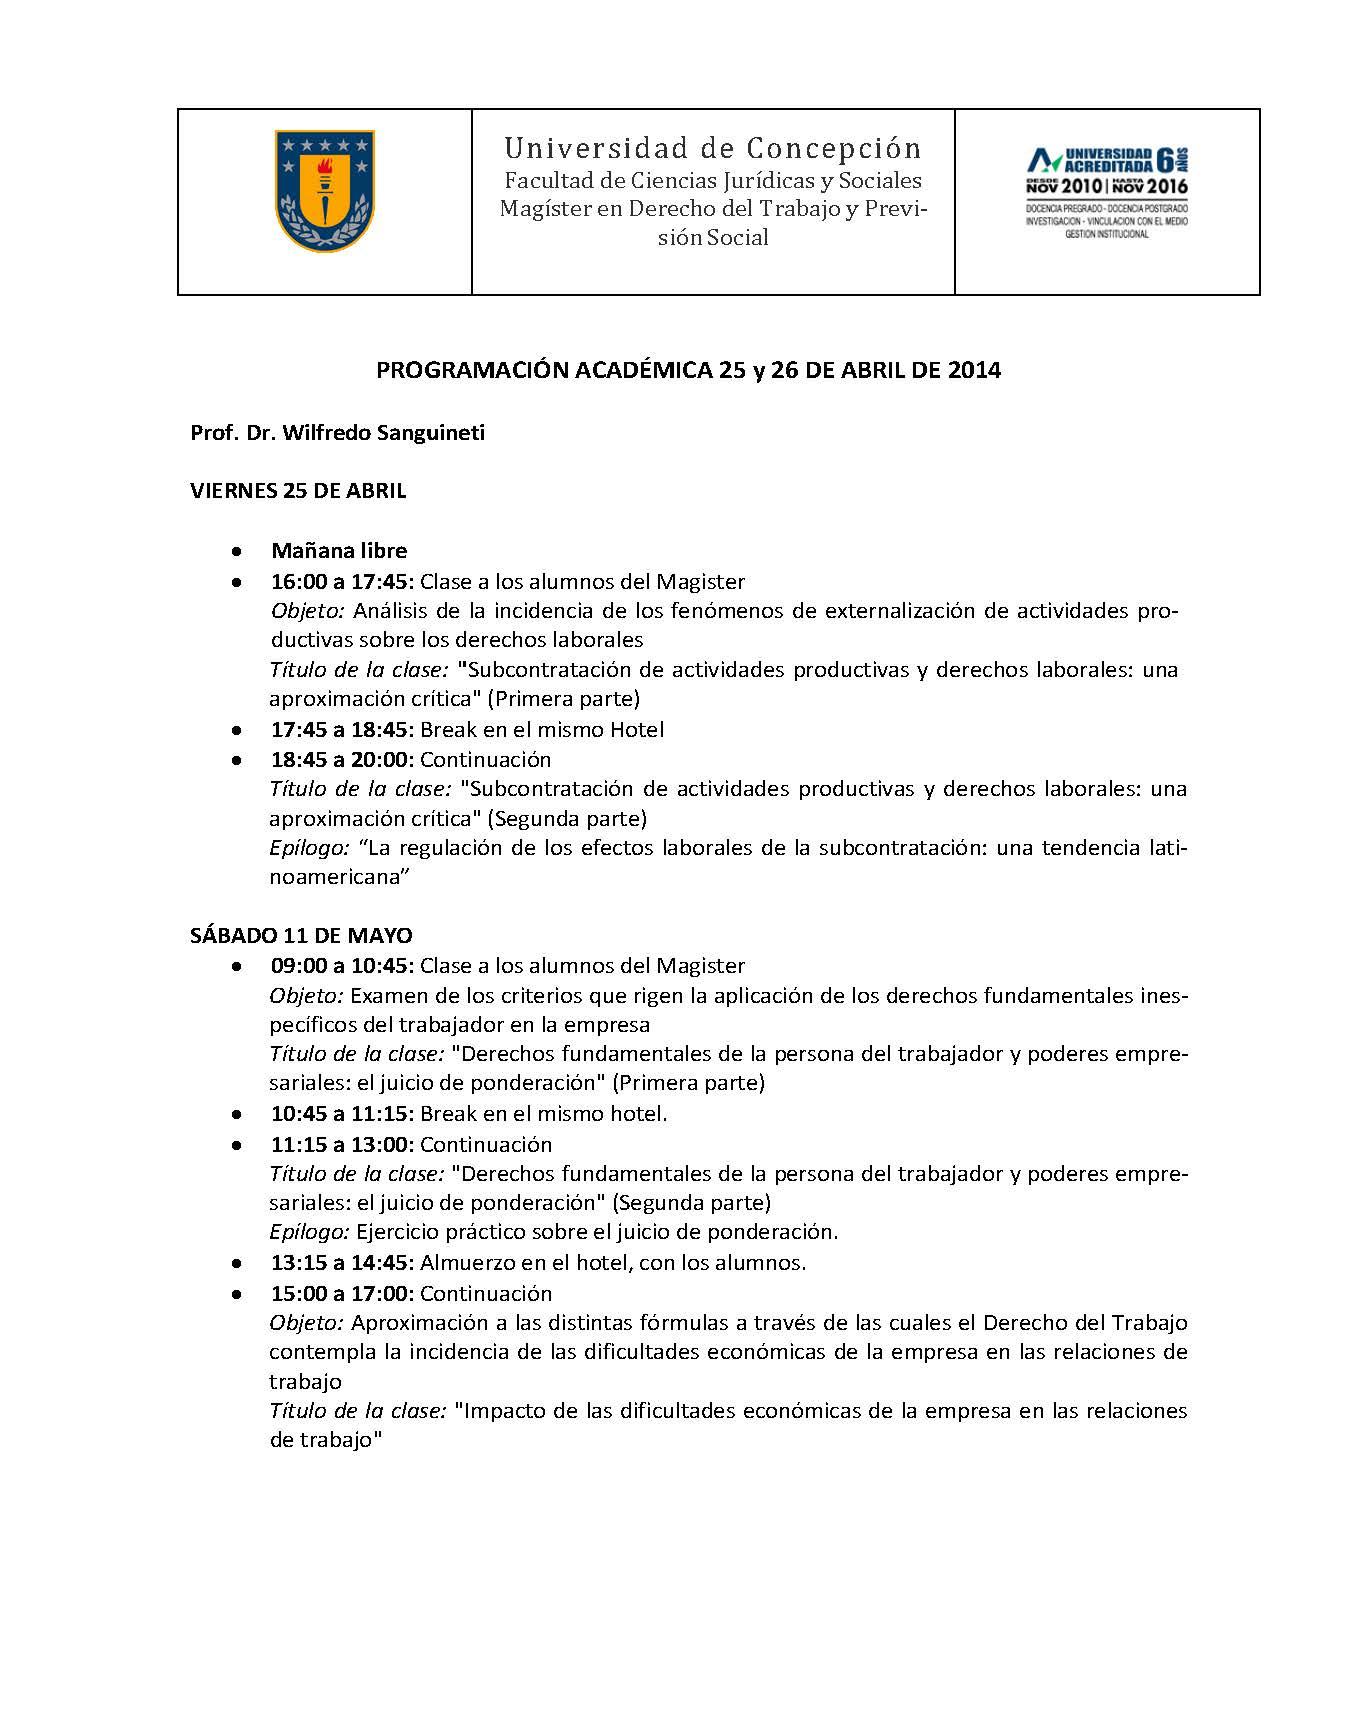 Programación académica - Puerto Varas 2014